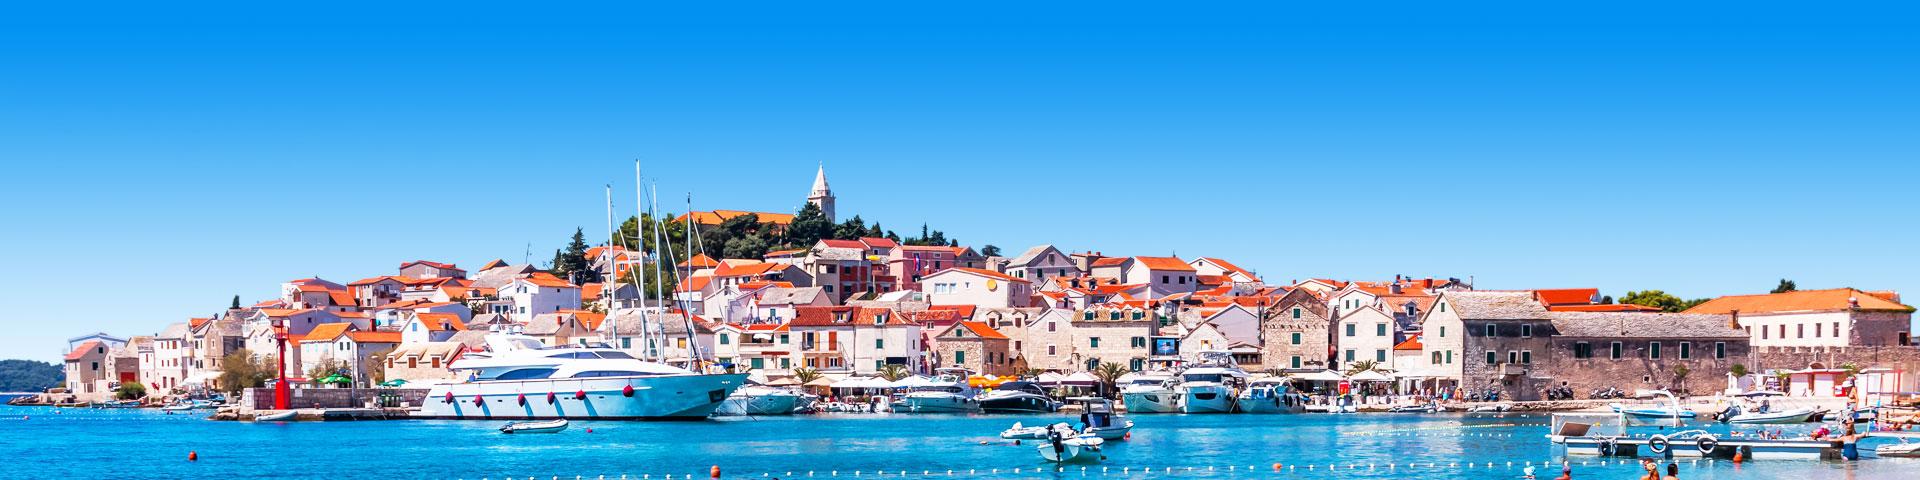 Oud stadje in Kroatië gelegen aan de zee